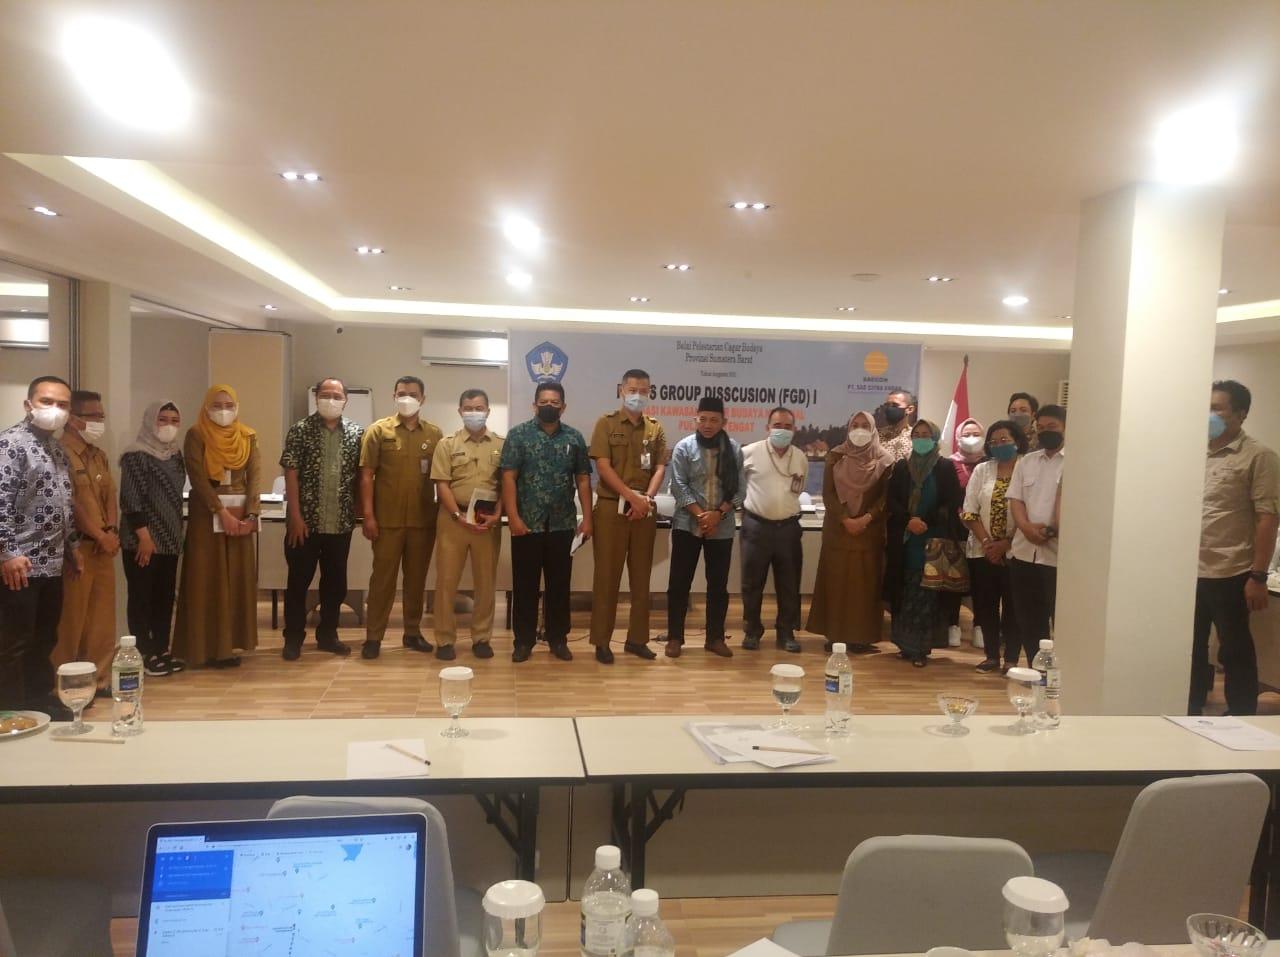 Pelestarian Pulau Penyengat, BPCB Harap Semua Stakeholder Punya Visi Yang Sama